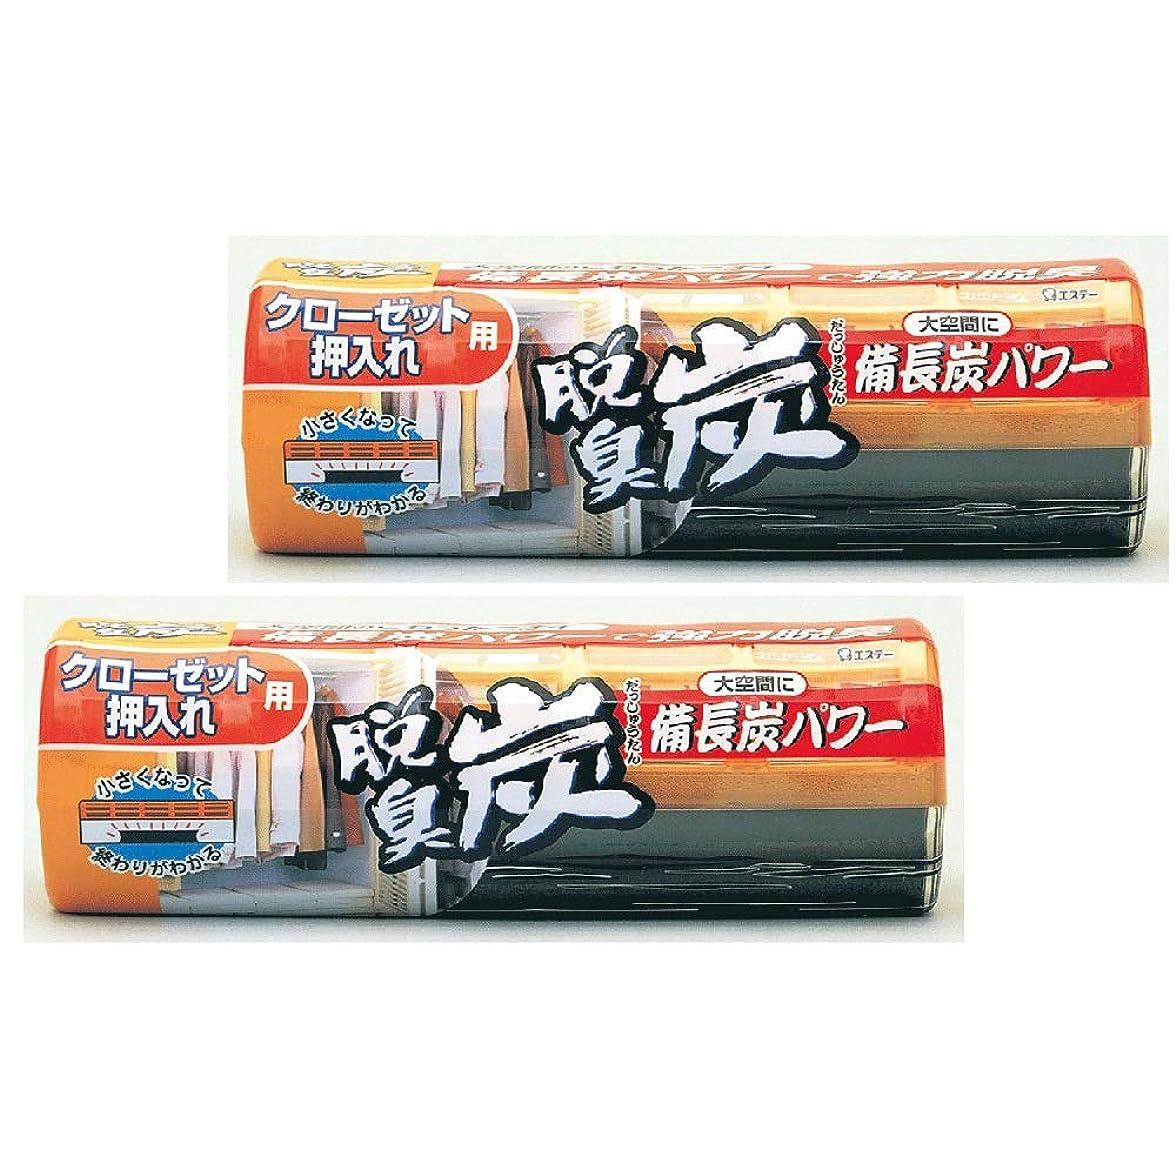 薬利点原子炉【まとめ買い】 脱臭炭 クローゼット?押入れ用 脱臭剤 300g×2個